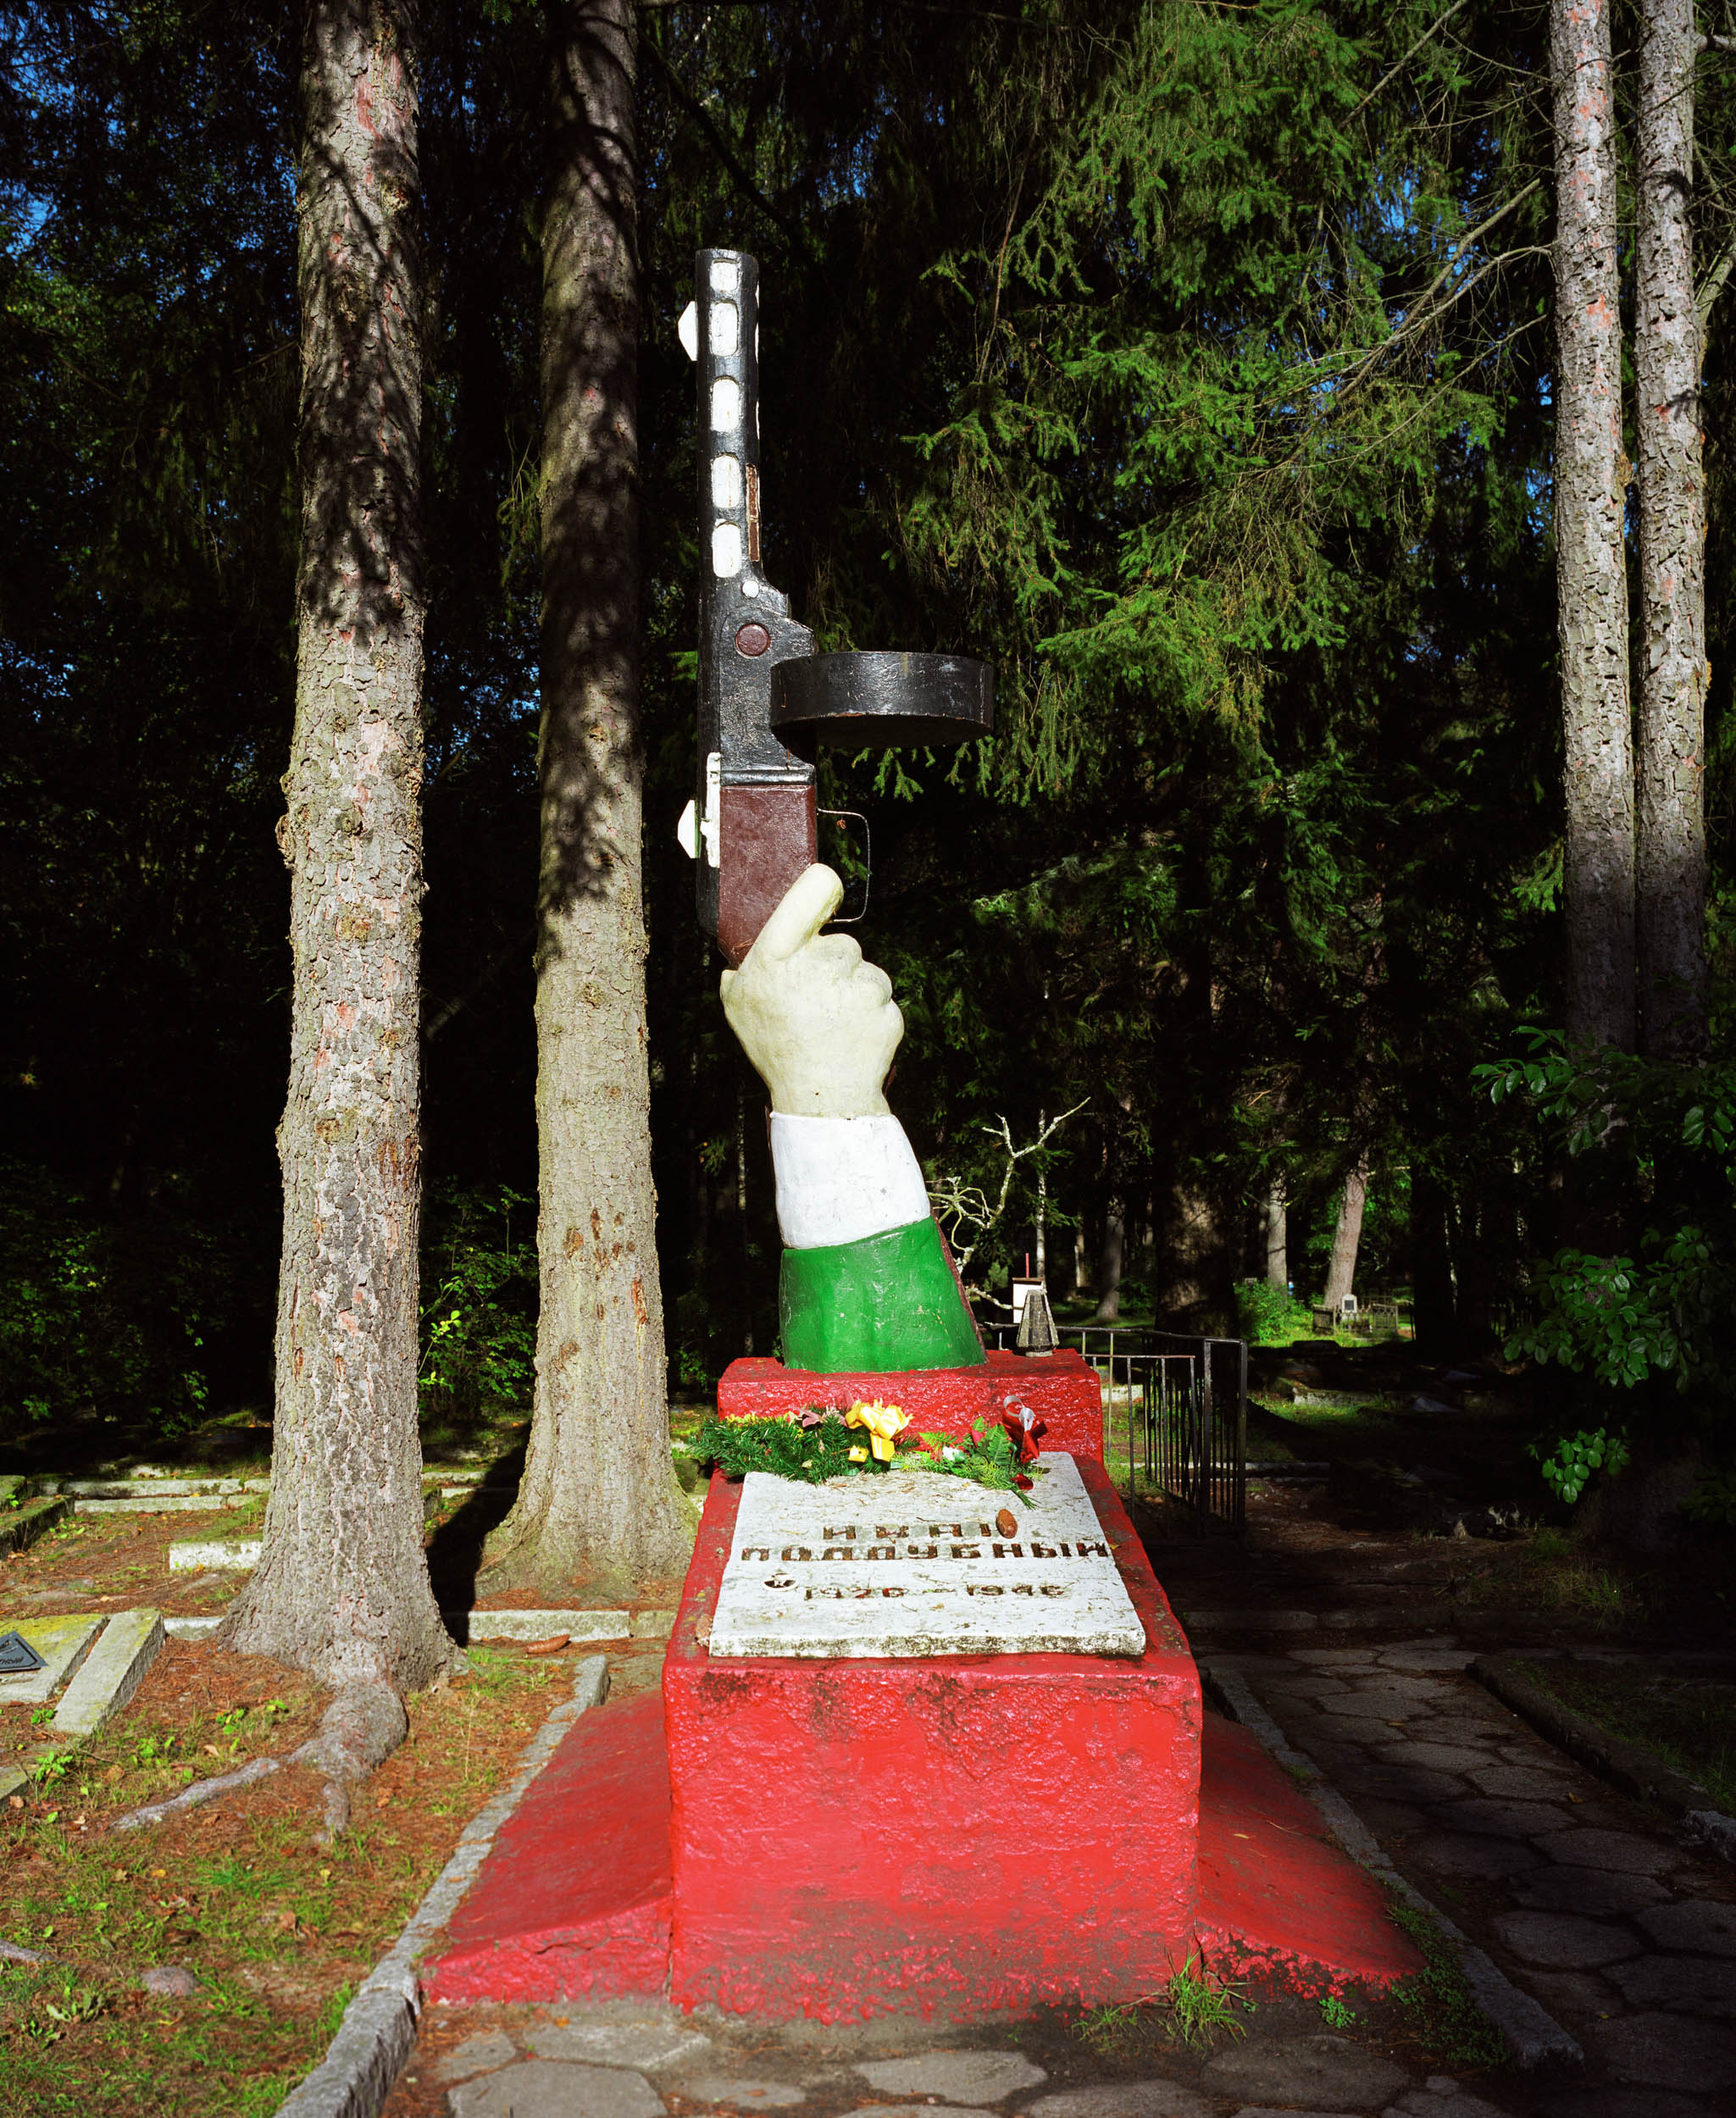 Poland. Soviet Army cemetery